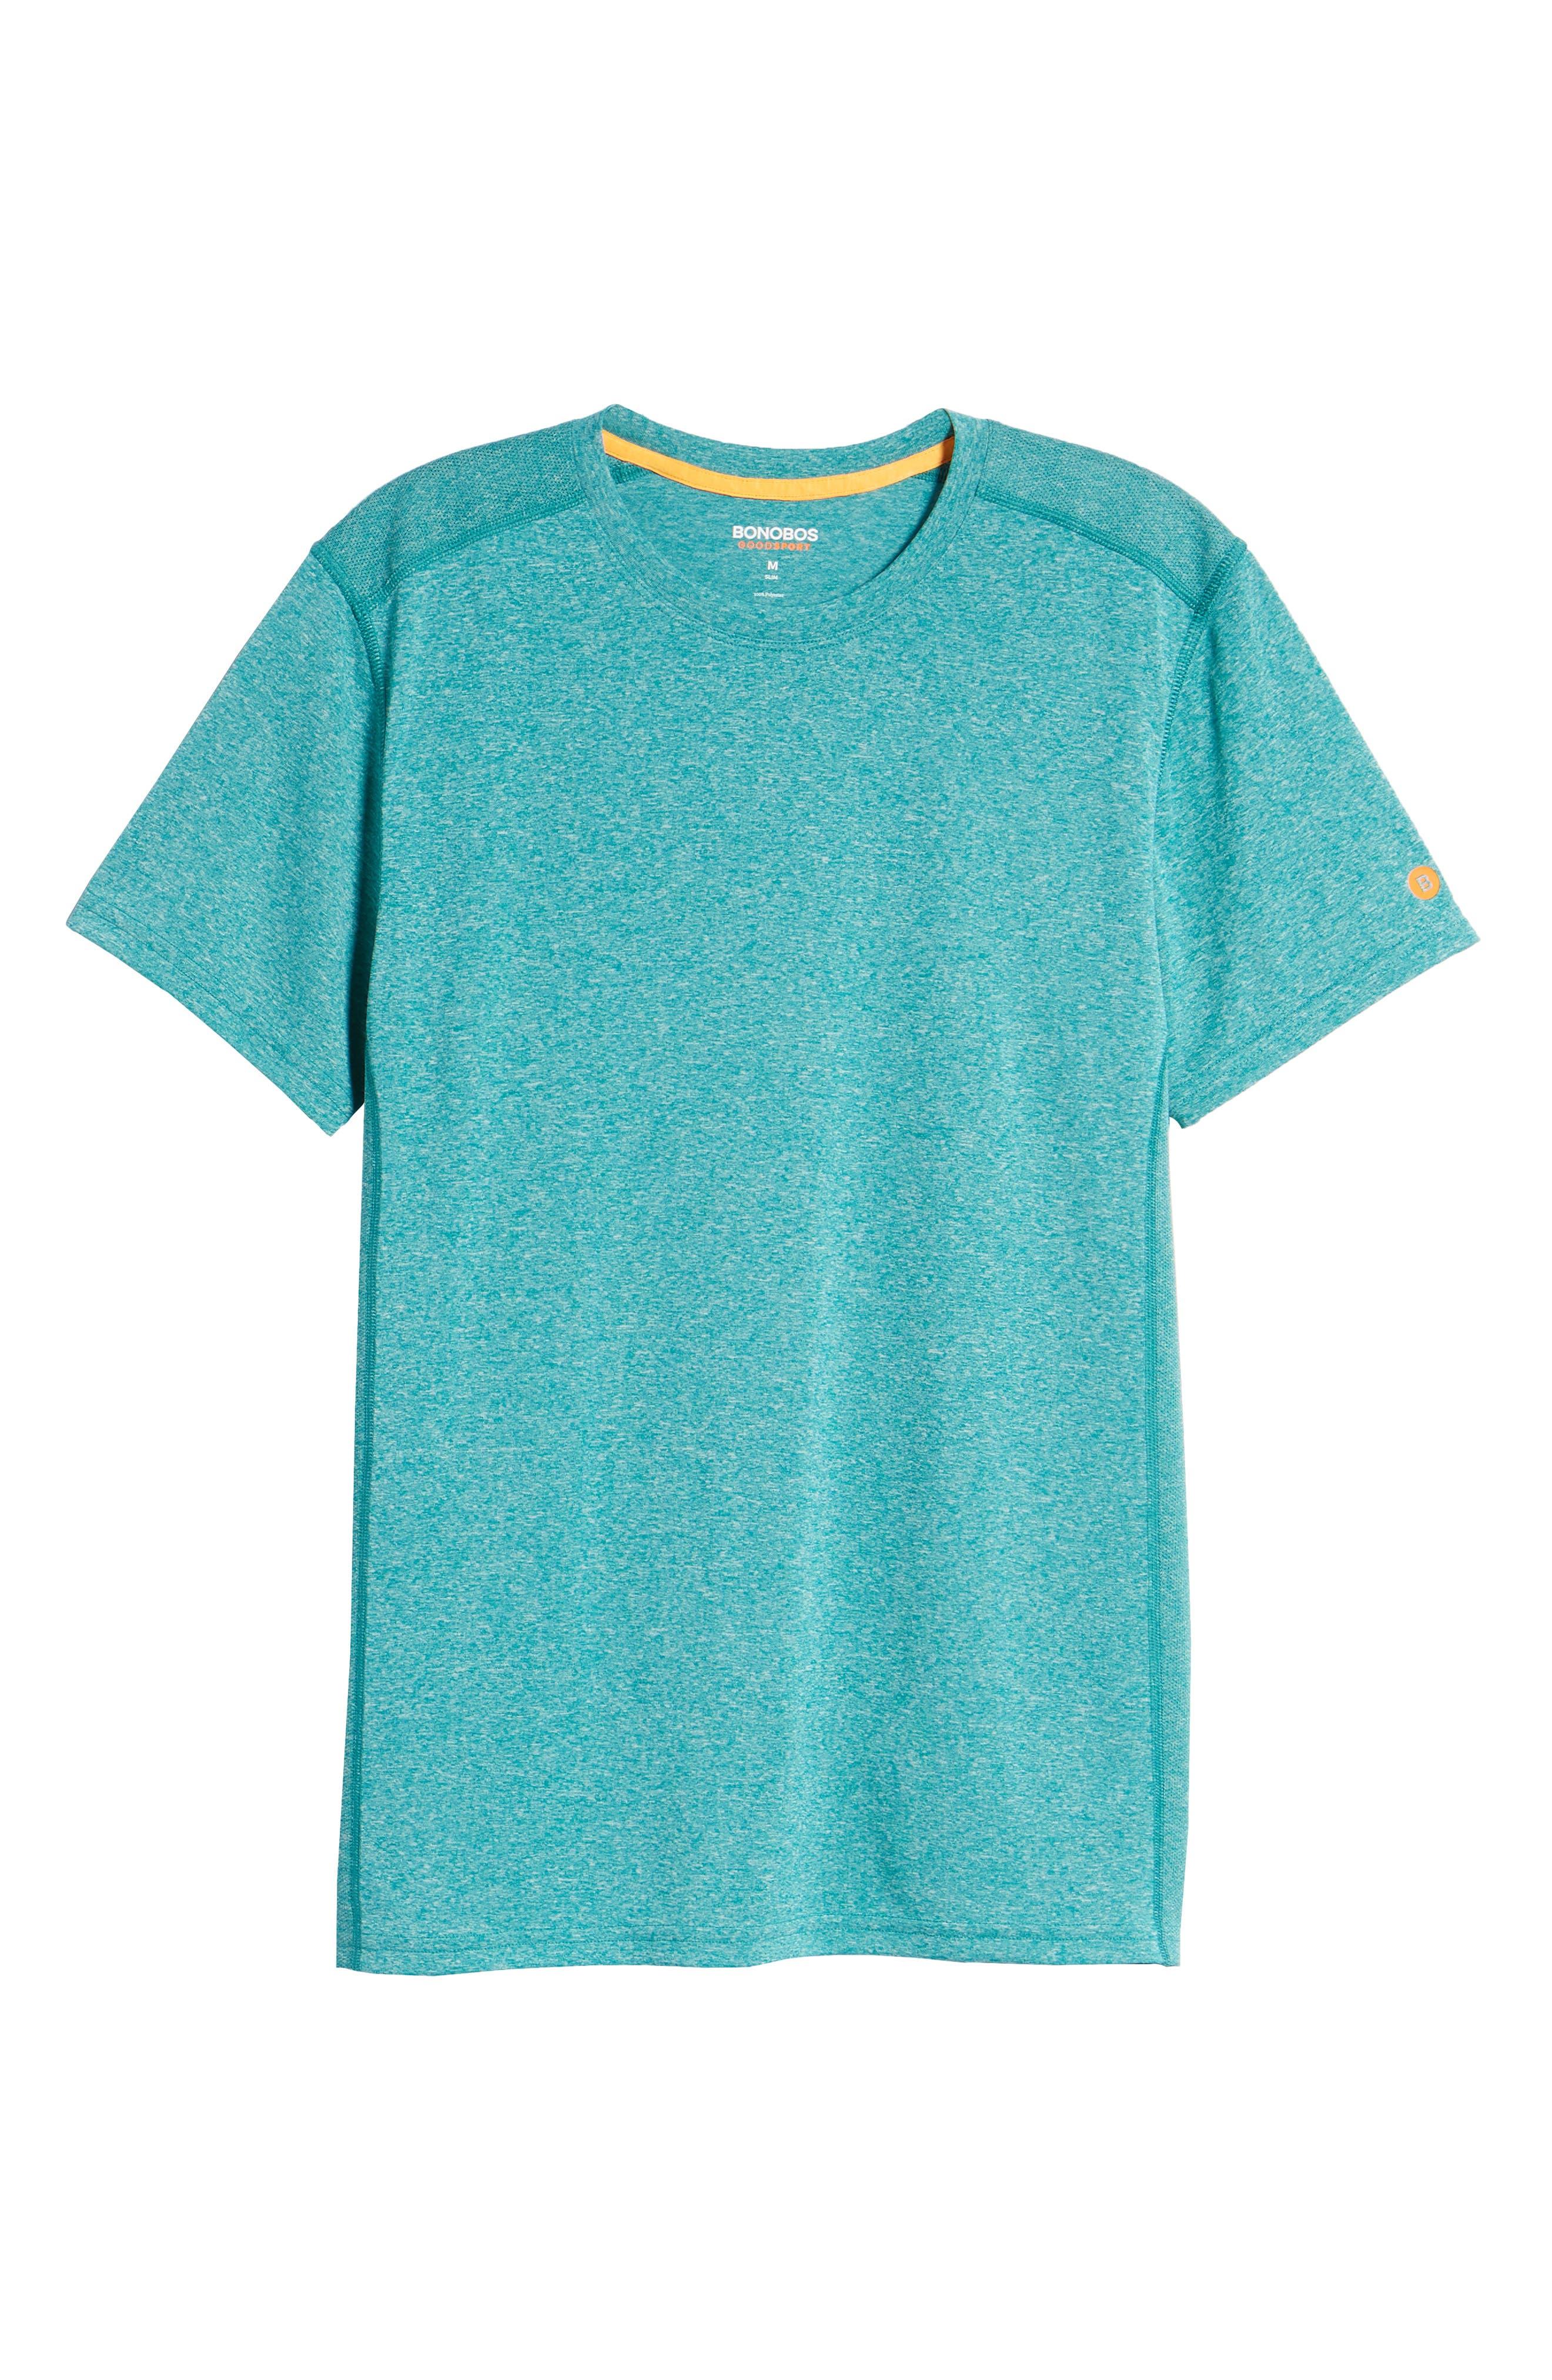 Goodsport Mesh Panel T-Shirt,                             Alternate thumbnail 34, color,